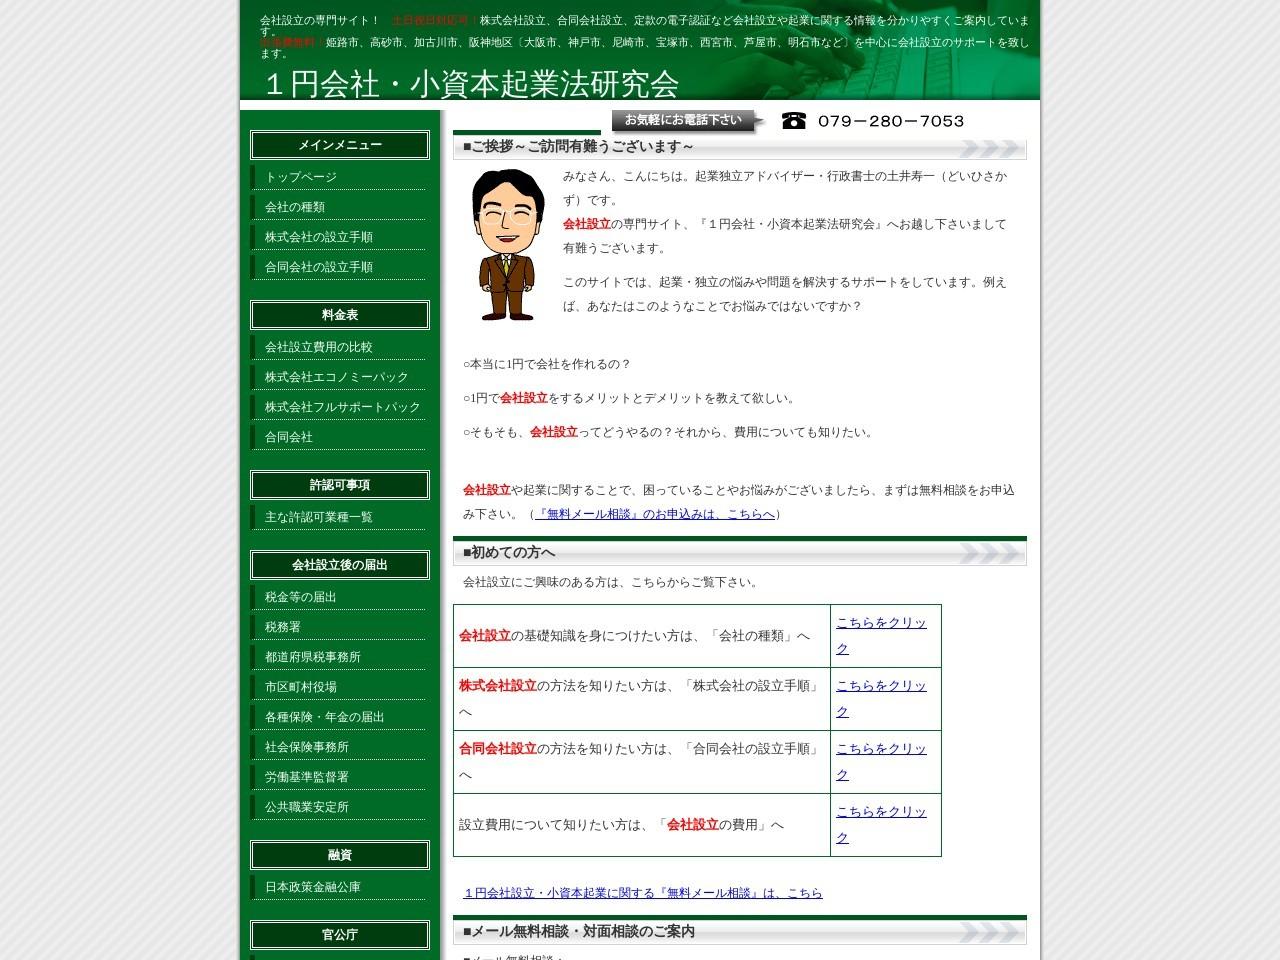 土井寿一行政書士事務所